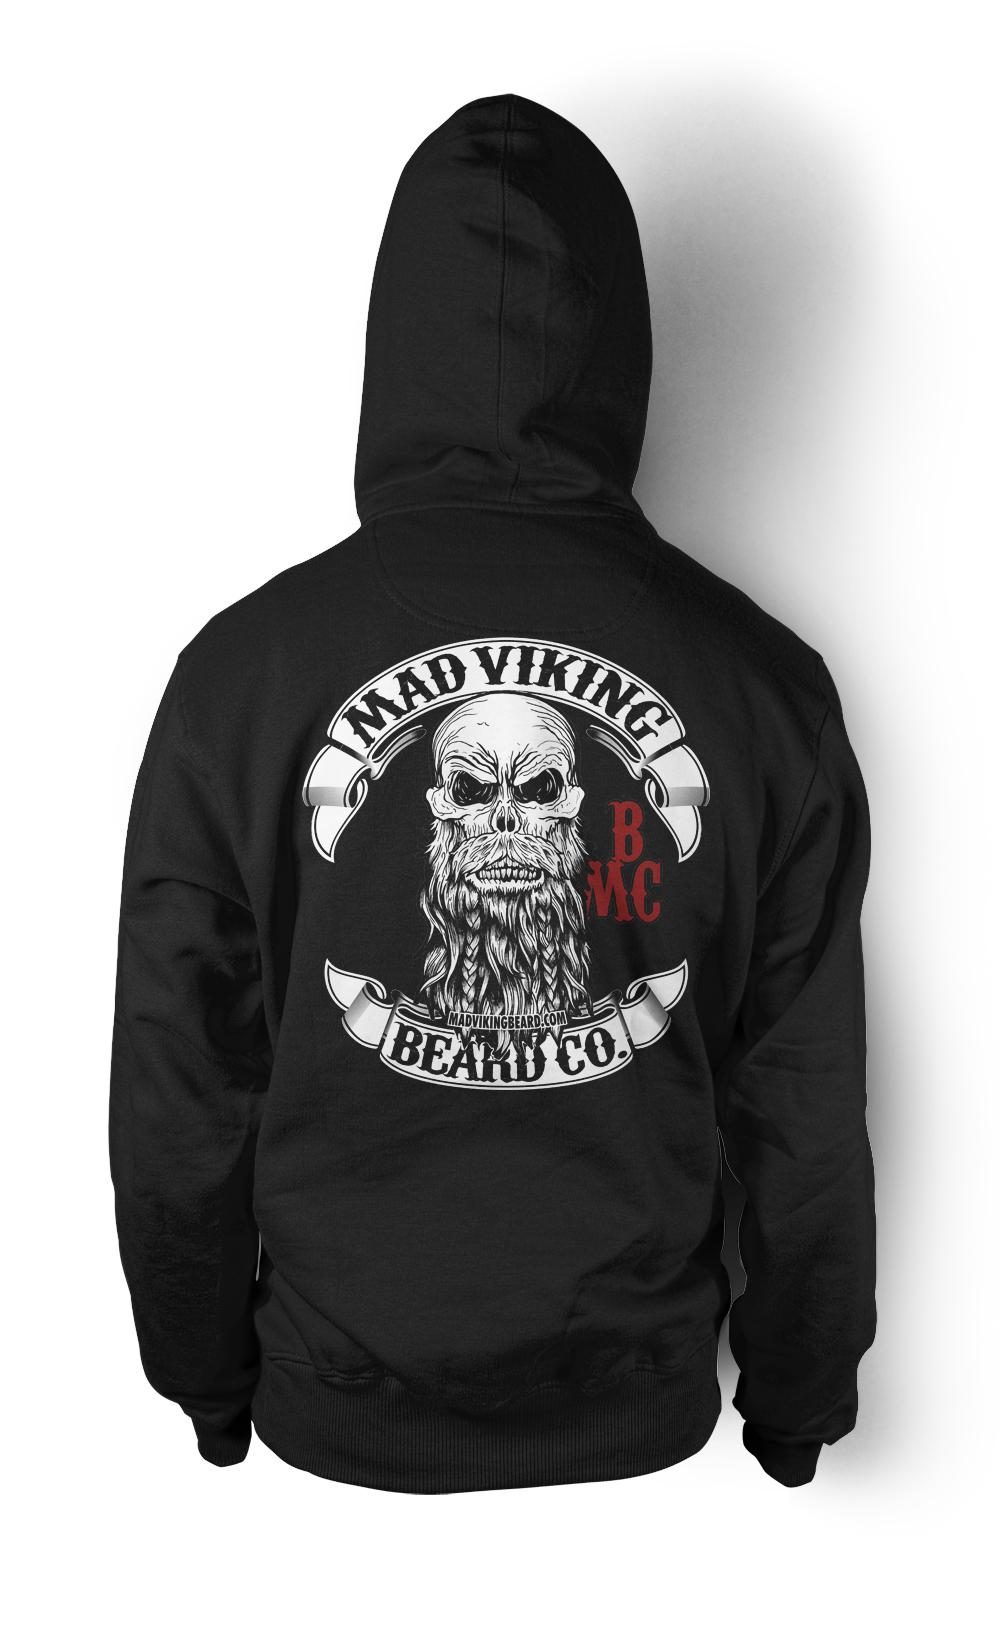 Mad Viking Original Hoodie